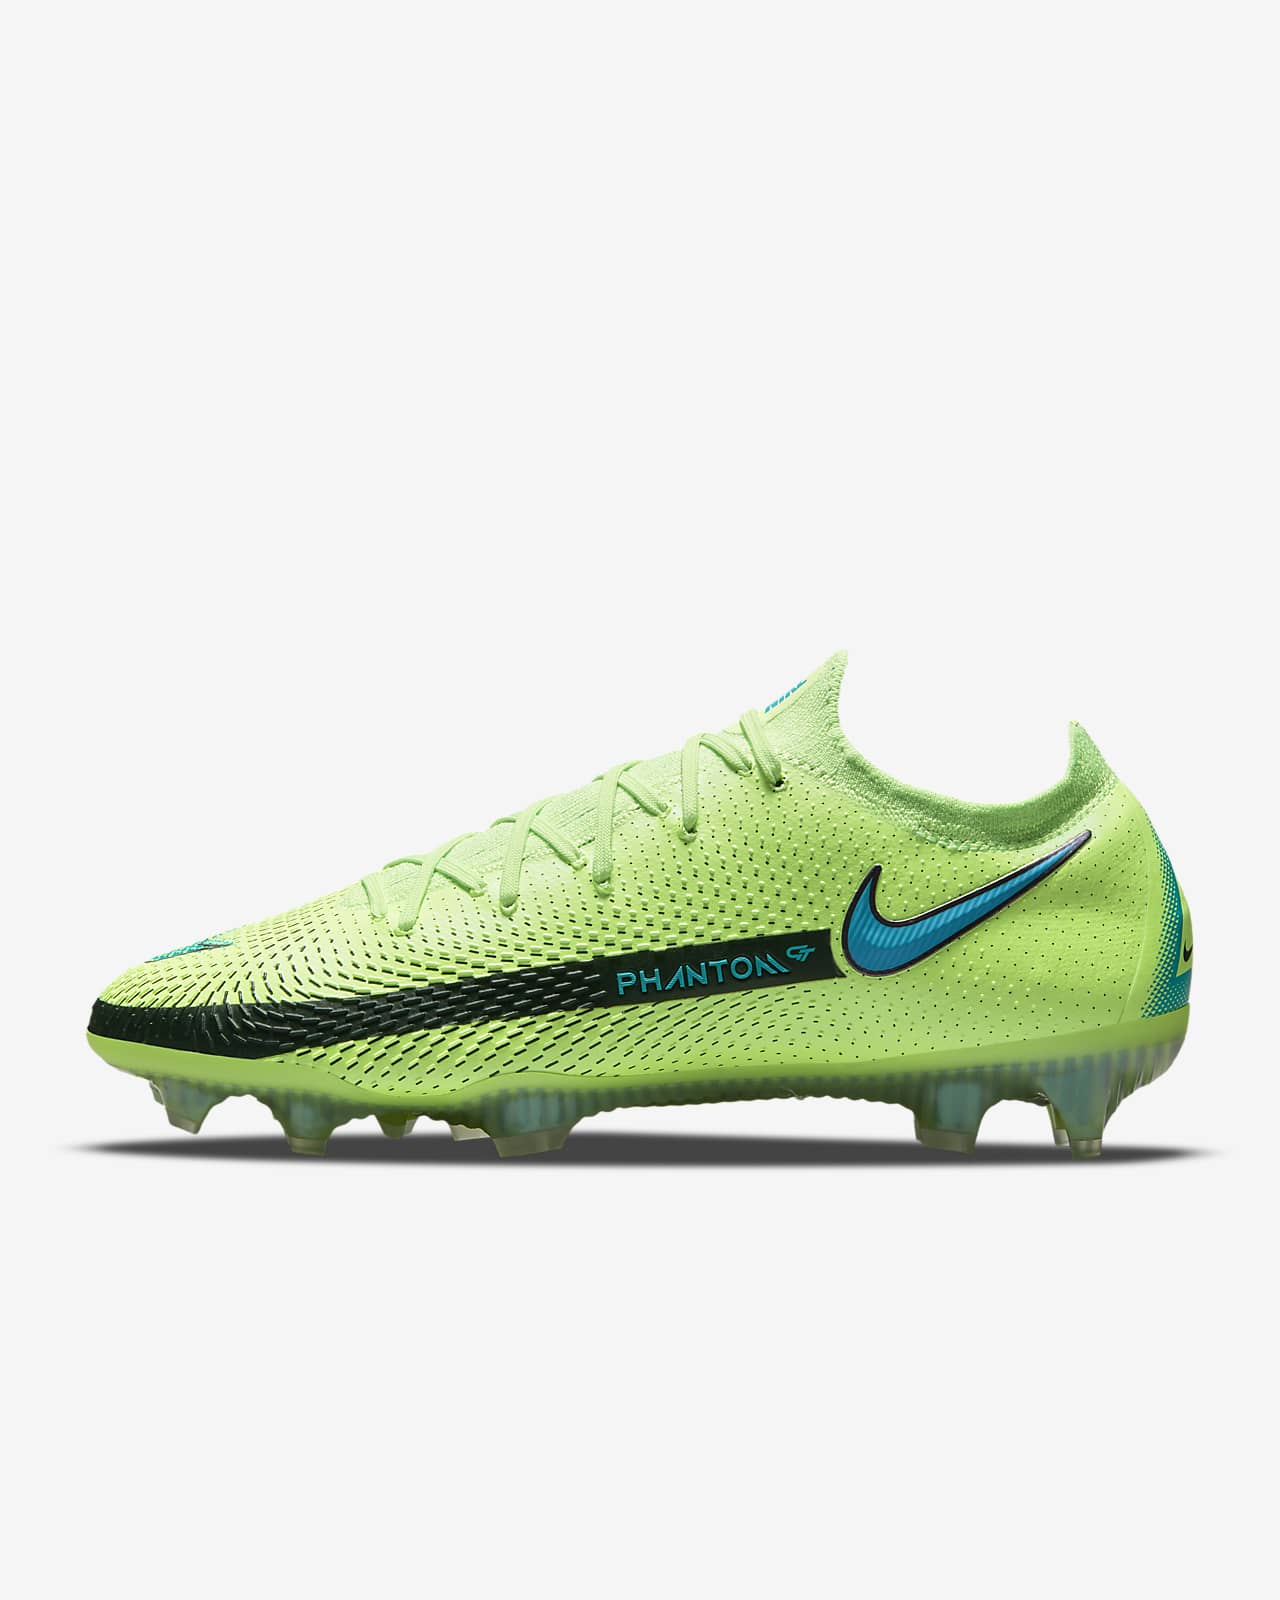 Ποδοσφαιρικό παπούτσι για σκληρές επιφάνειες Nike Phantom GT Elite FG